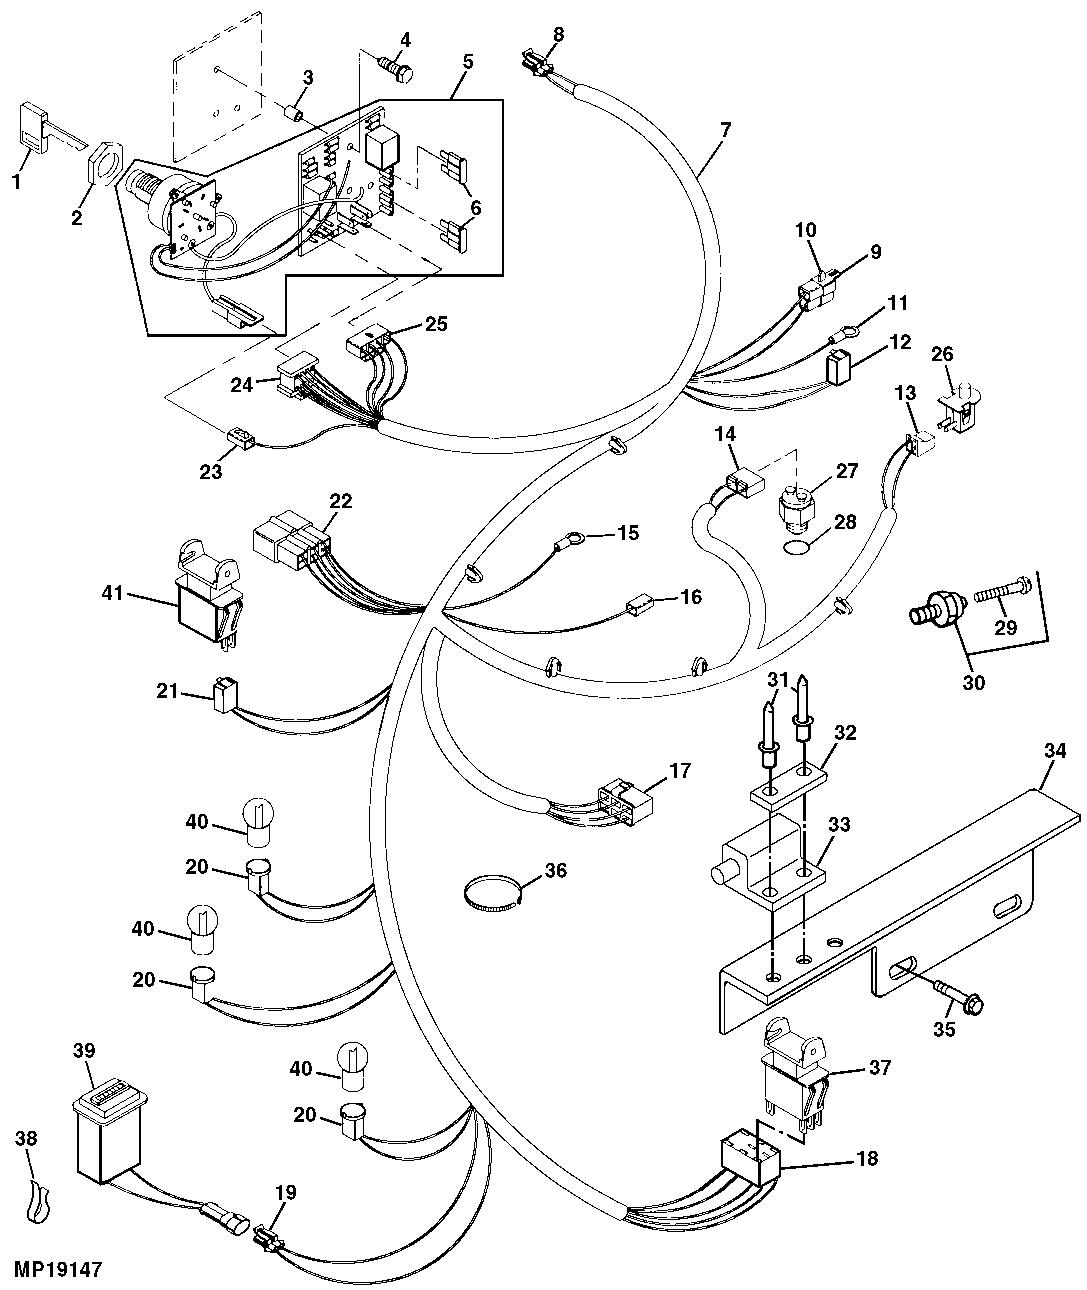 John Deere 3320 Wiring Schematic : 32 Wiring Diagram